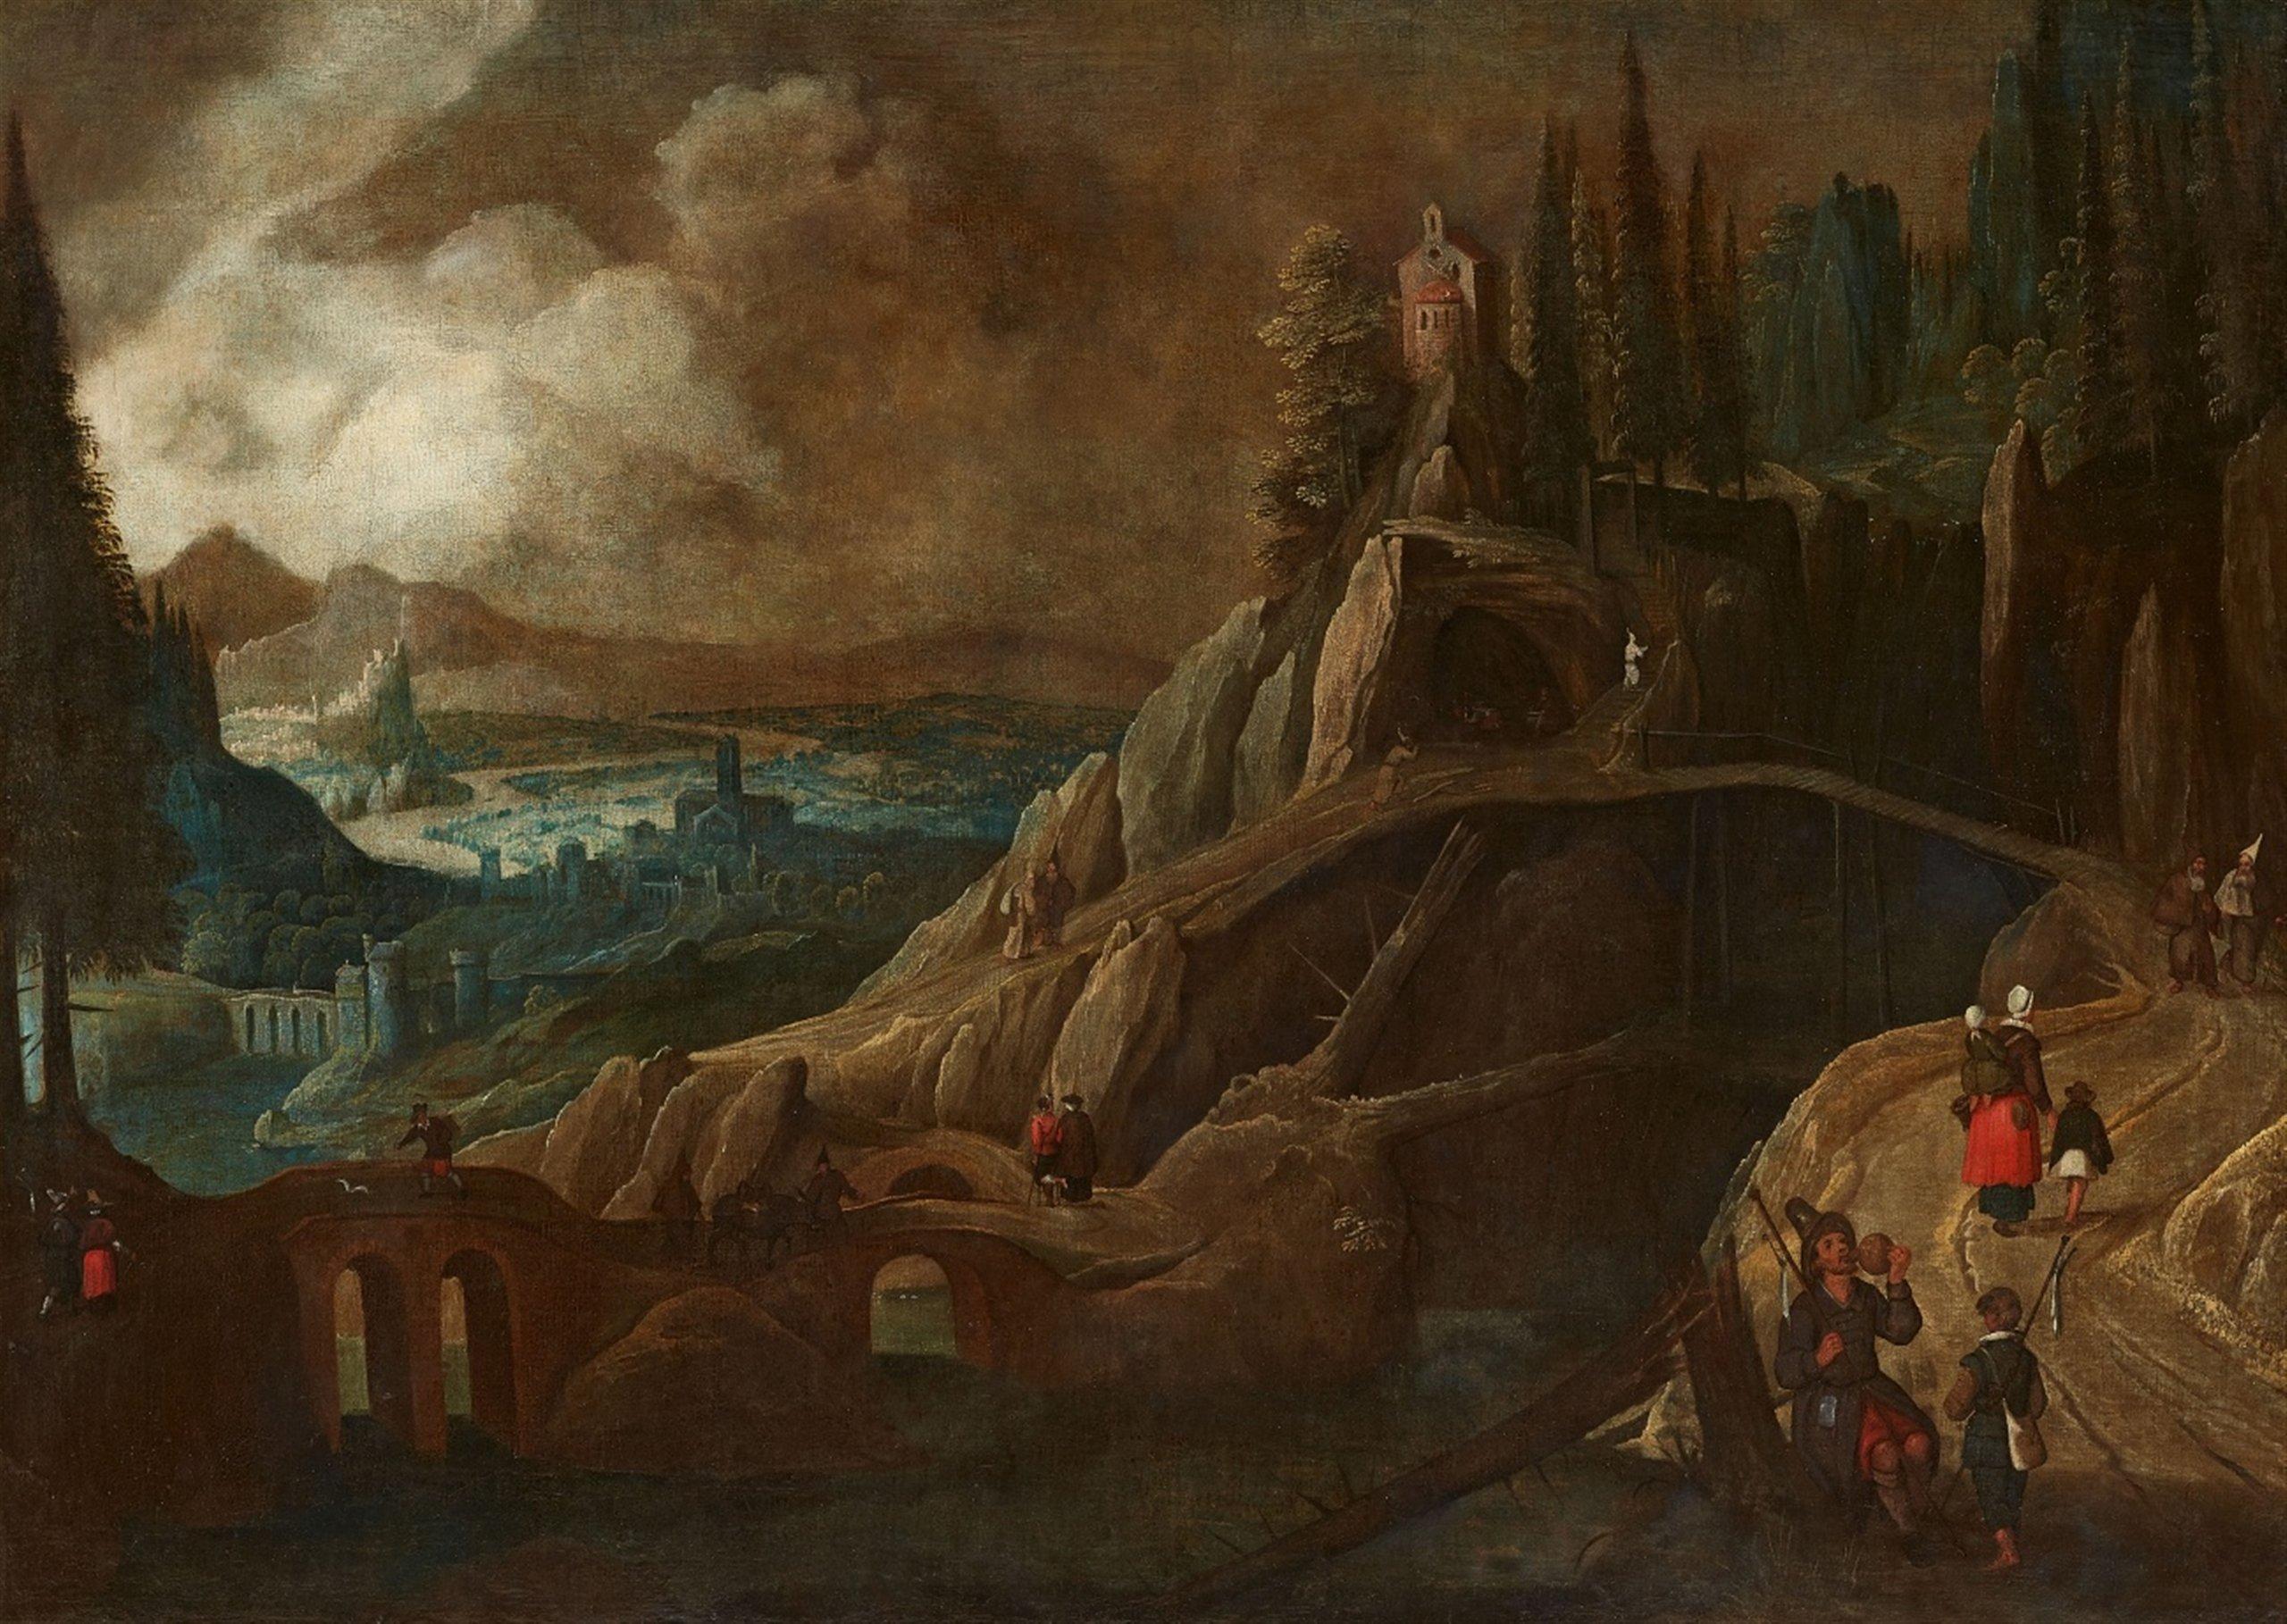 Tobias Verhaecht (Anvers, 1561 - 1631), Paysage fluvial avec un pont et une cascade - Lempertz. Estimation: 6000€-8000€